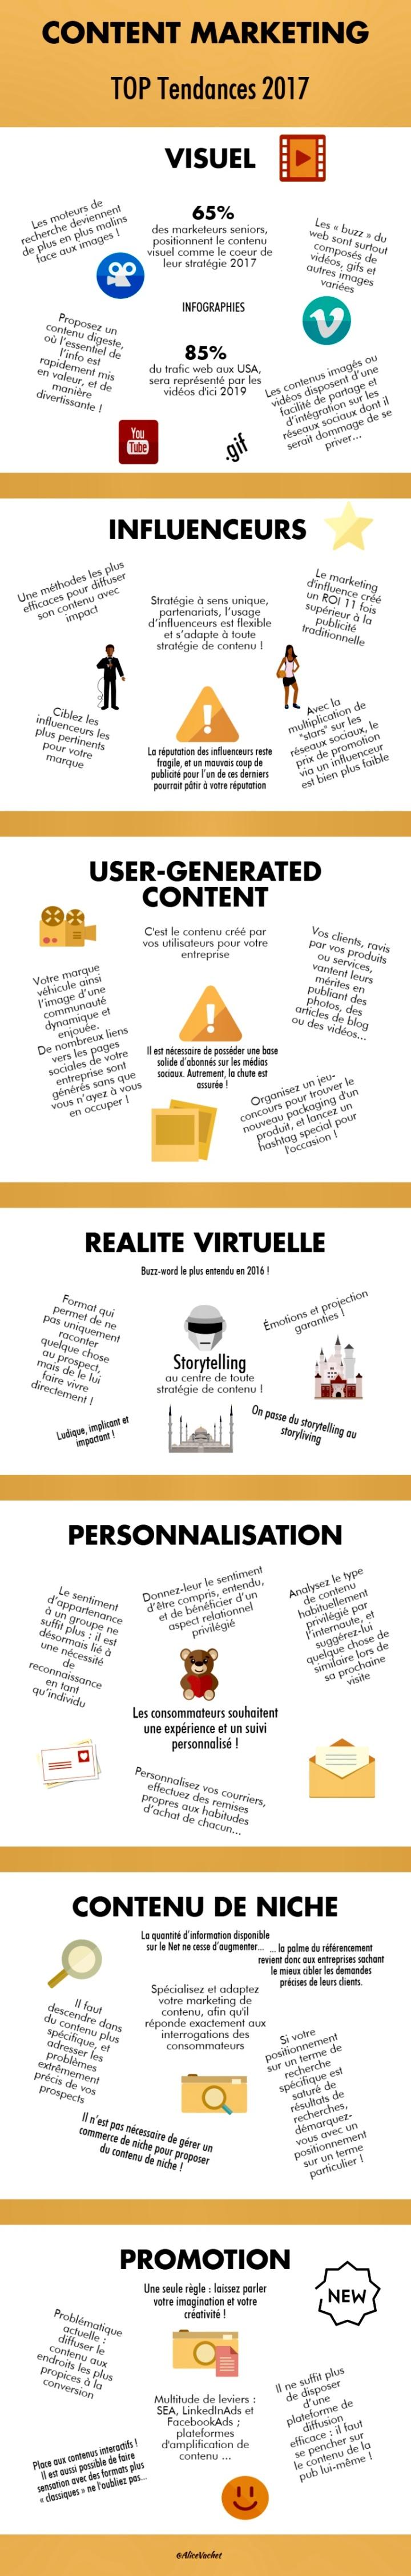 [Infographie] Content Marketing : TOP Tendances 2017📊